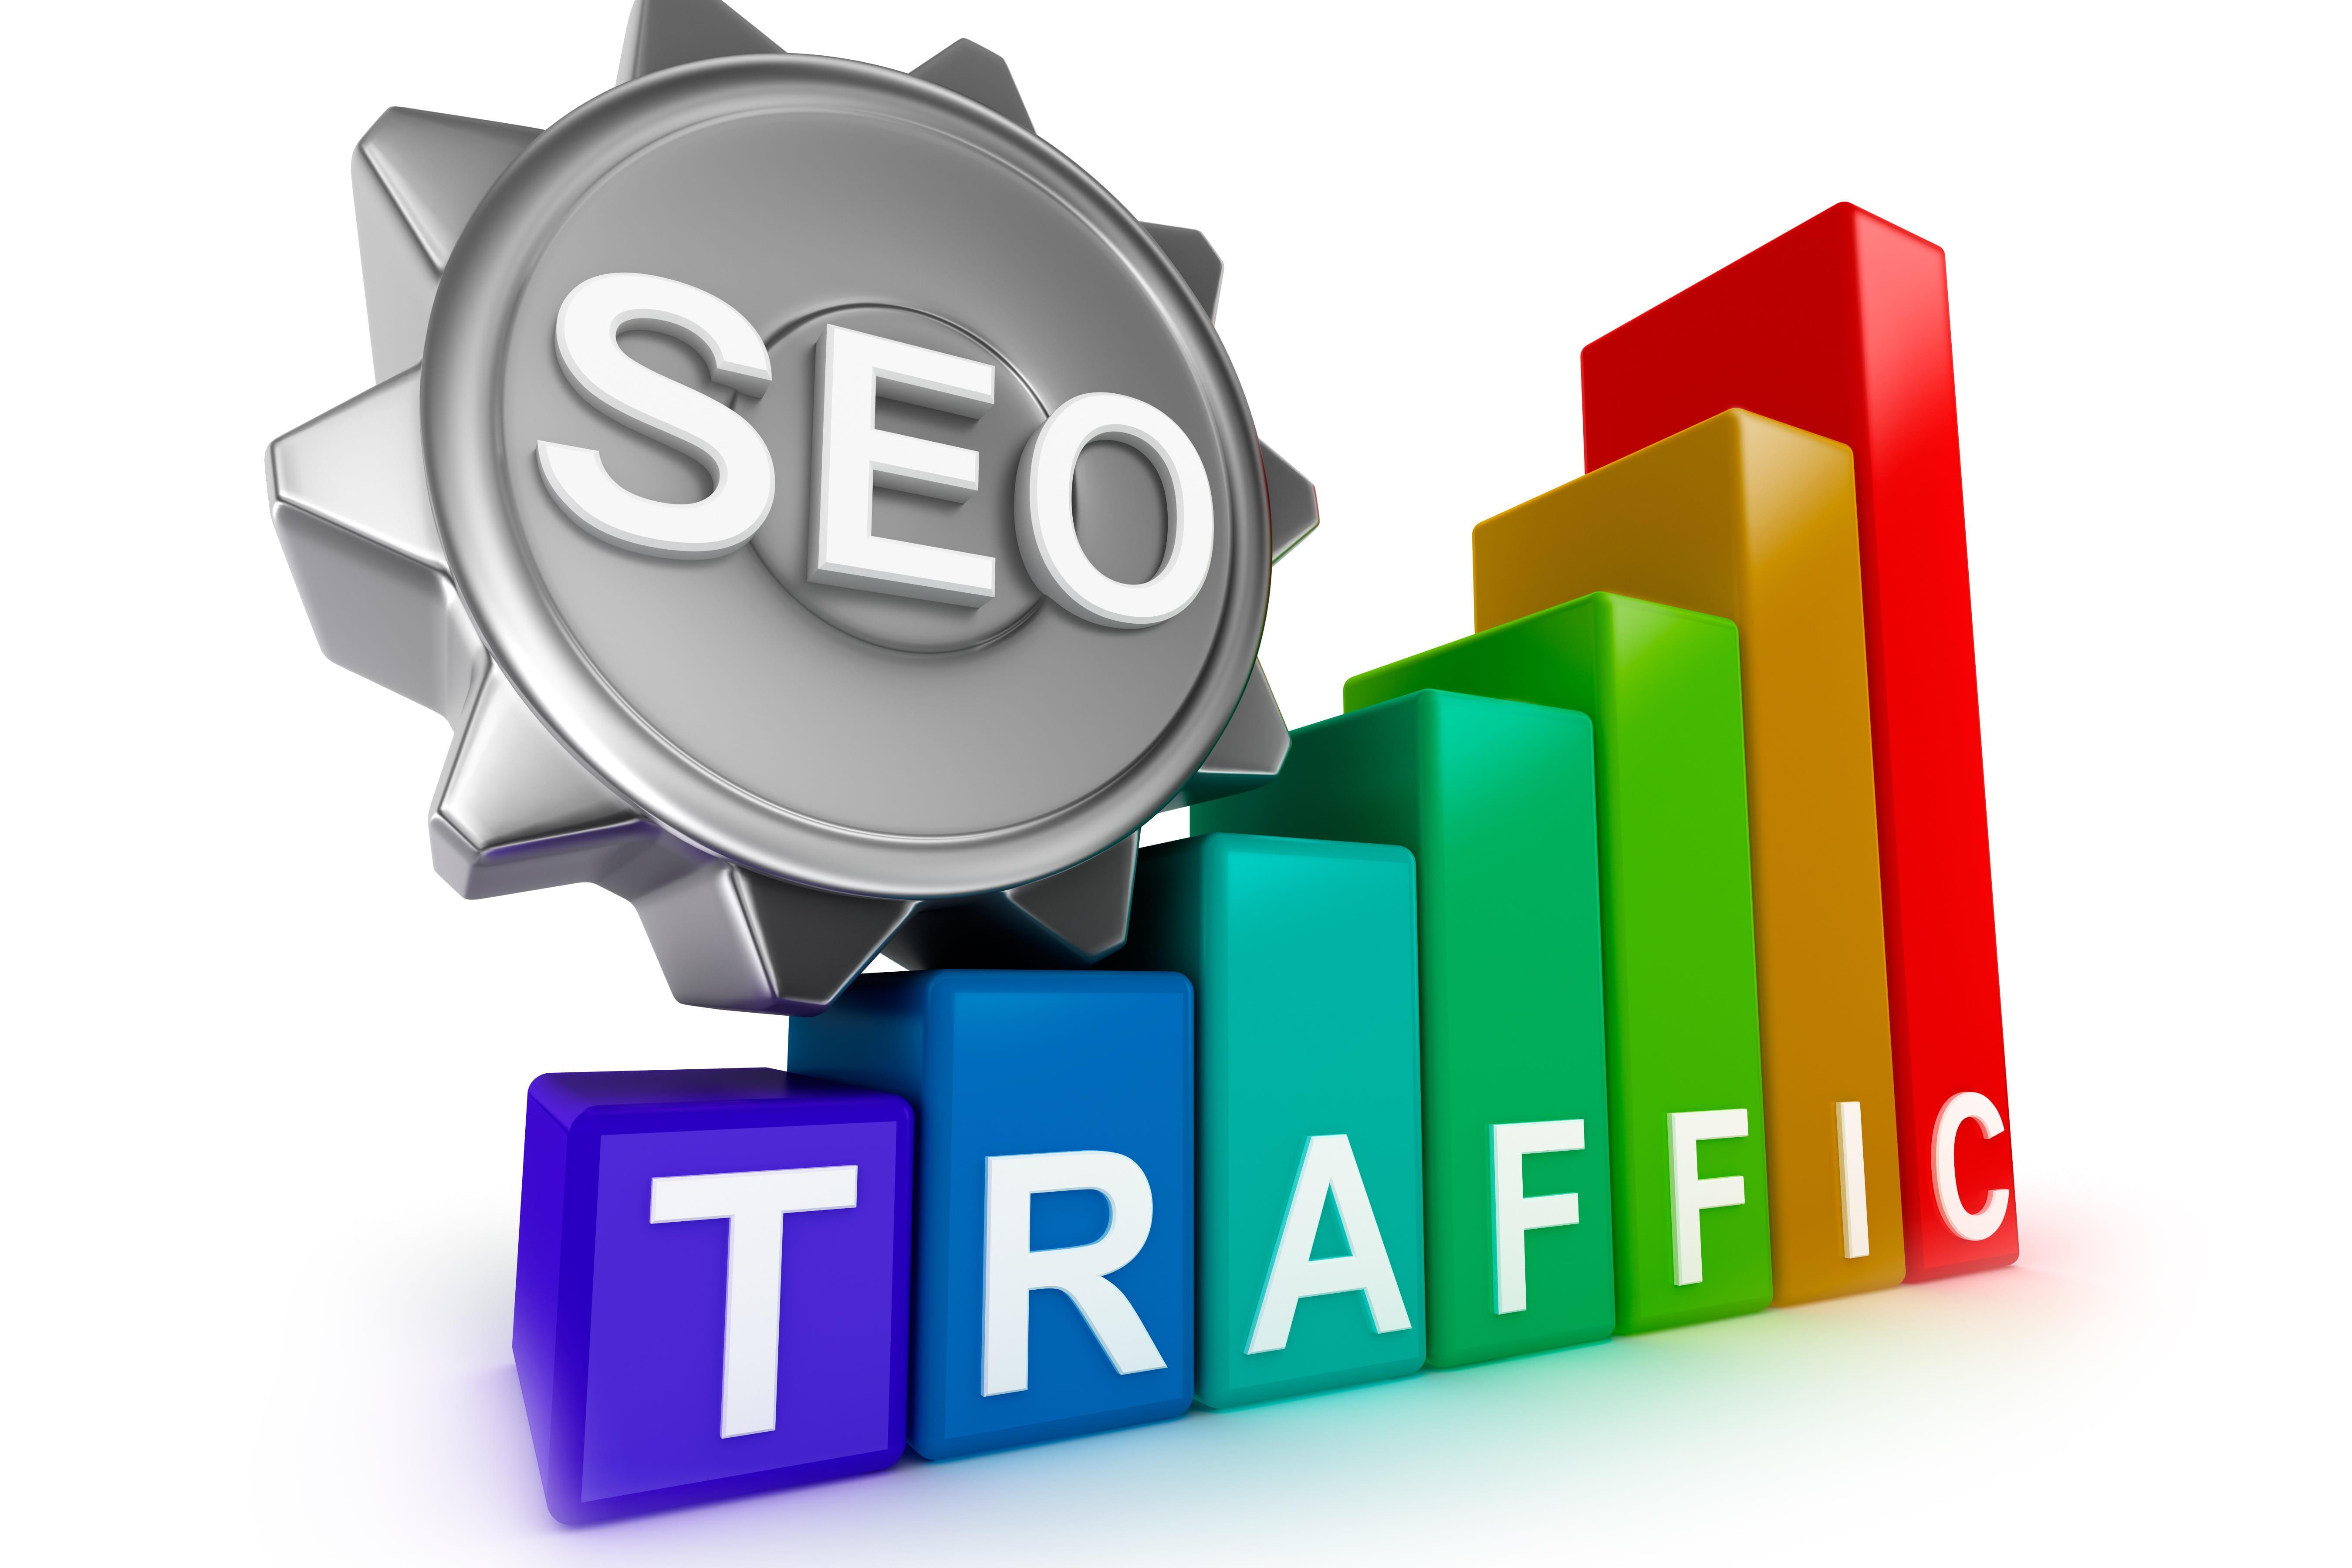 Avis des SEO : Google prend-il en compte le trafic des sites ?